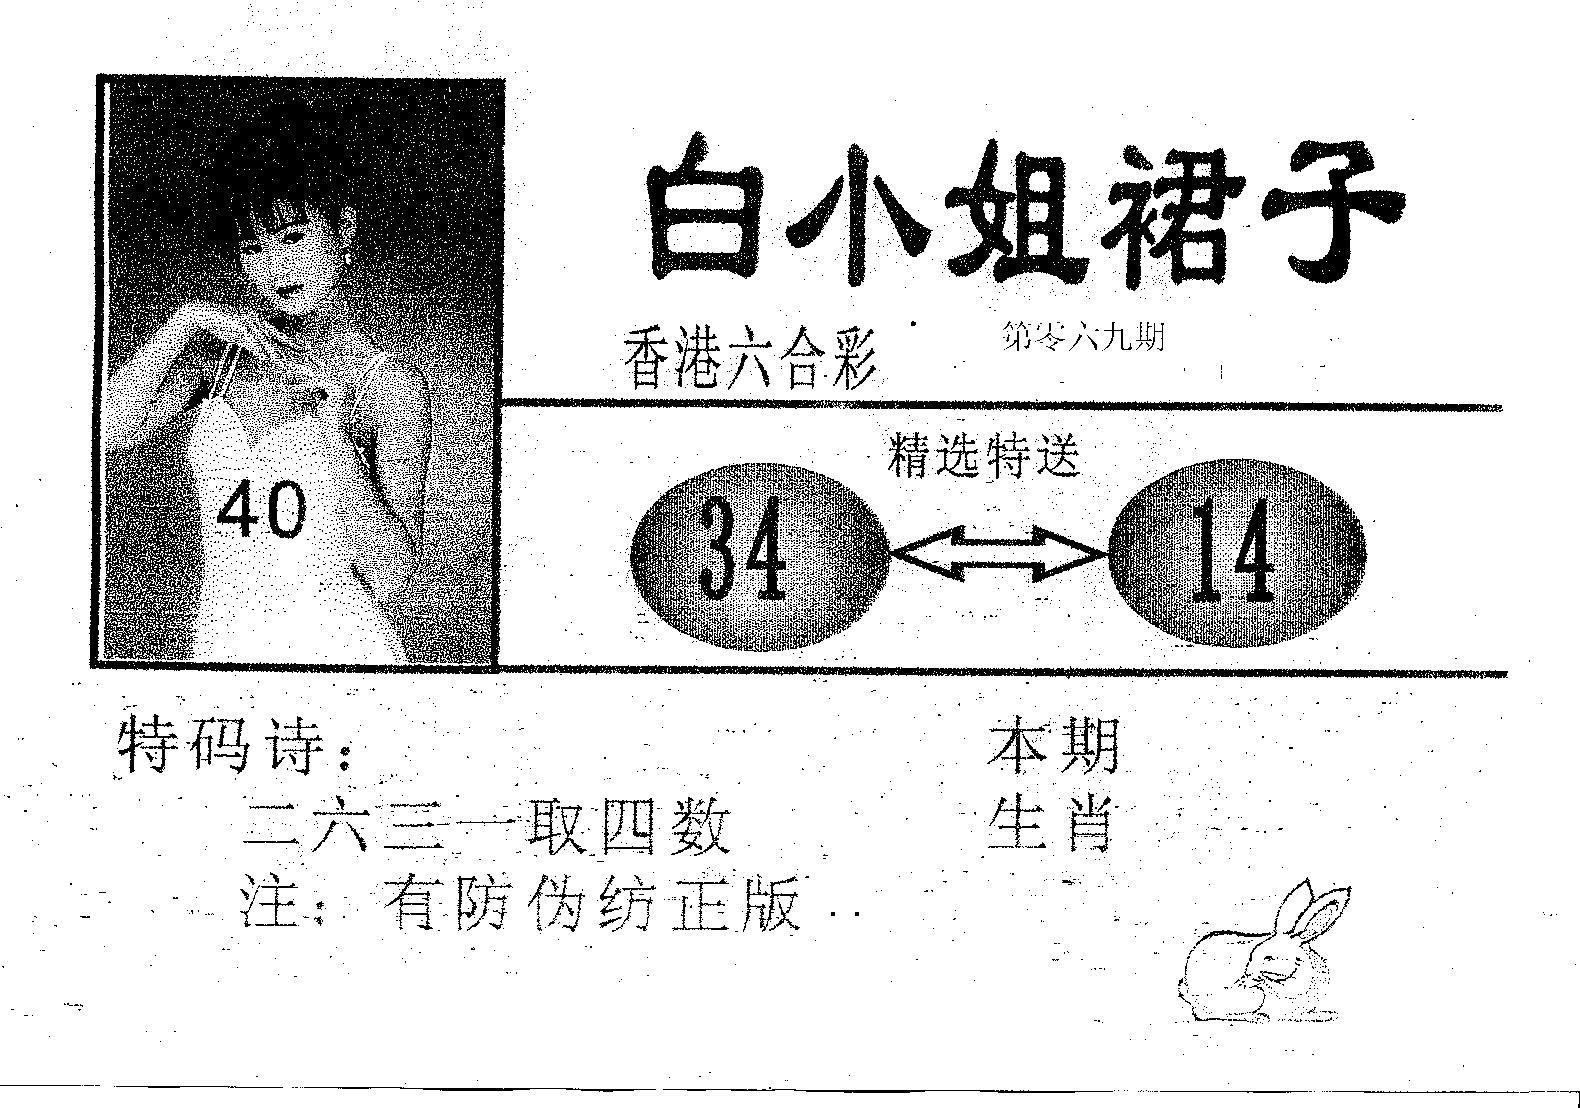 069期白姐裙子(黑白)